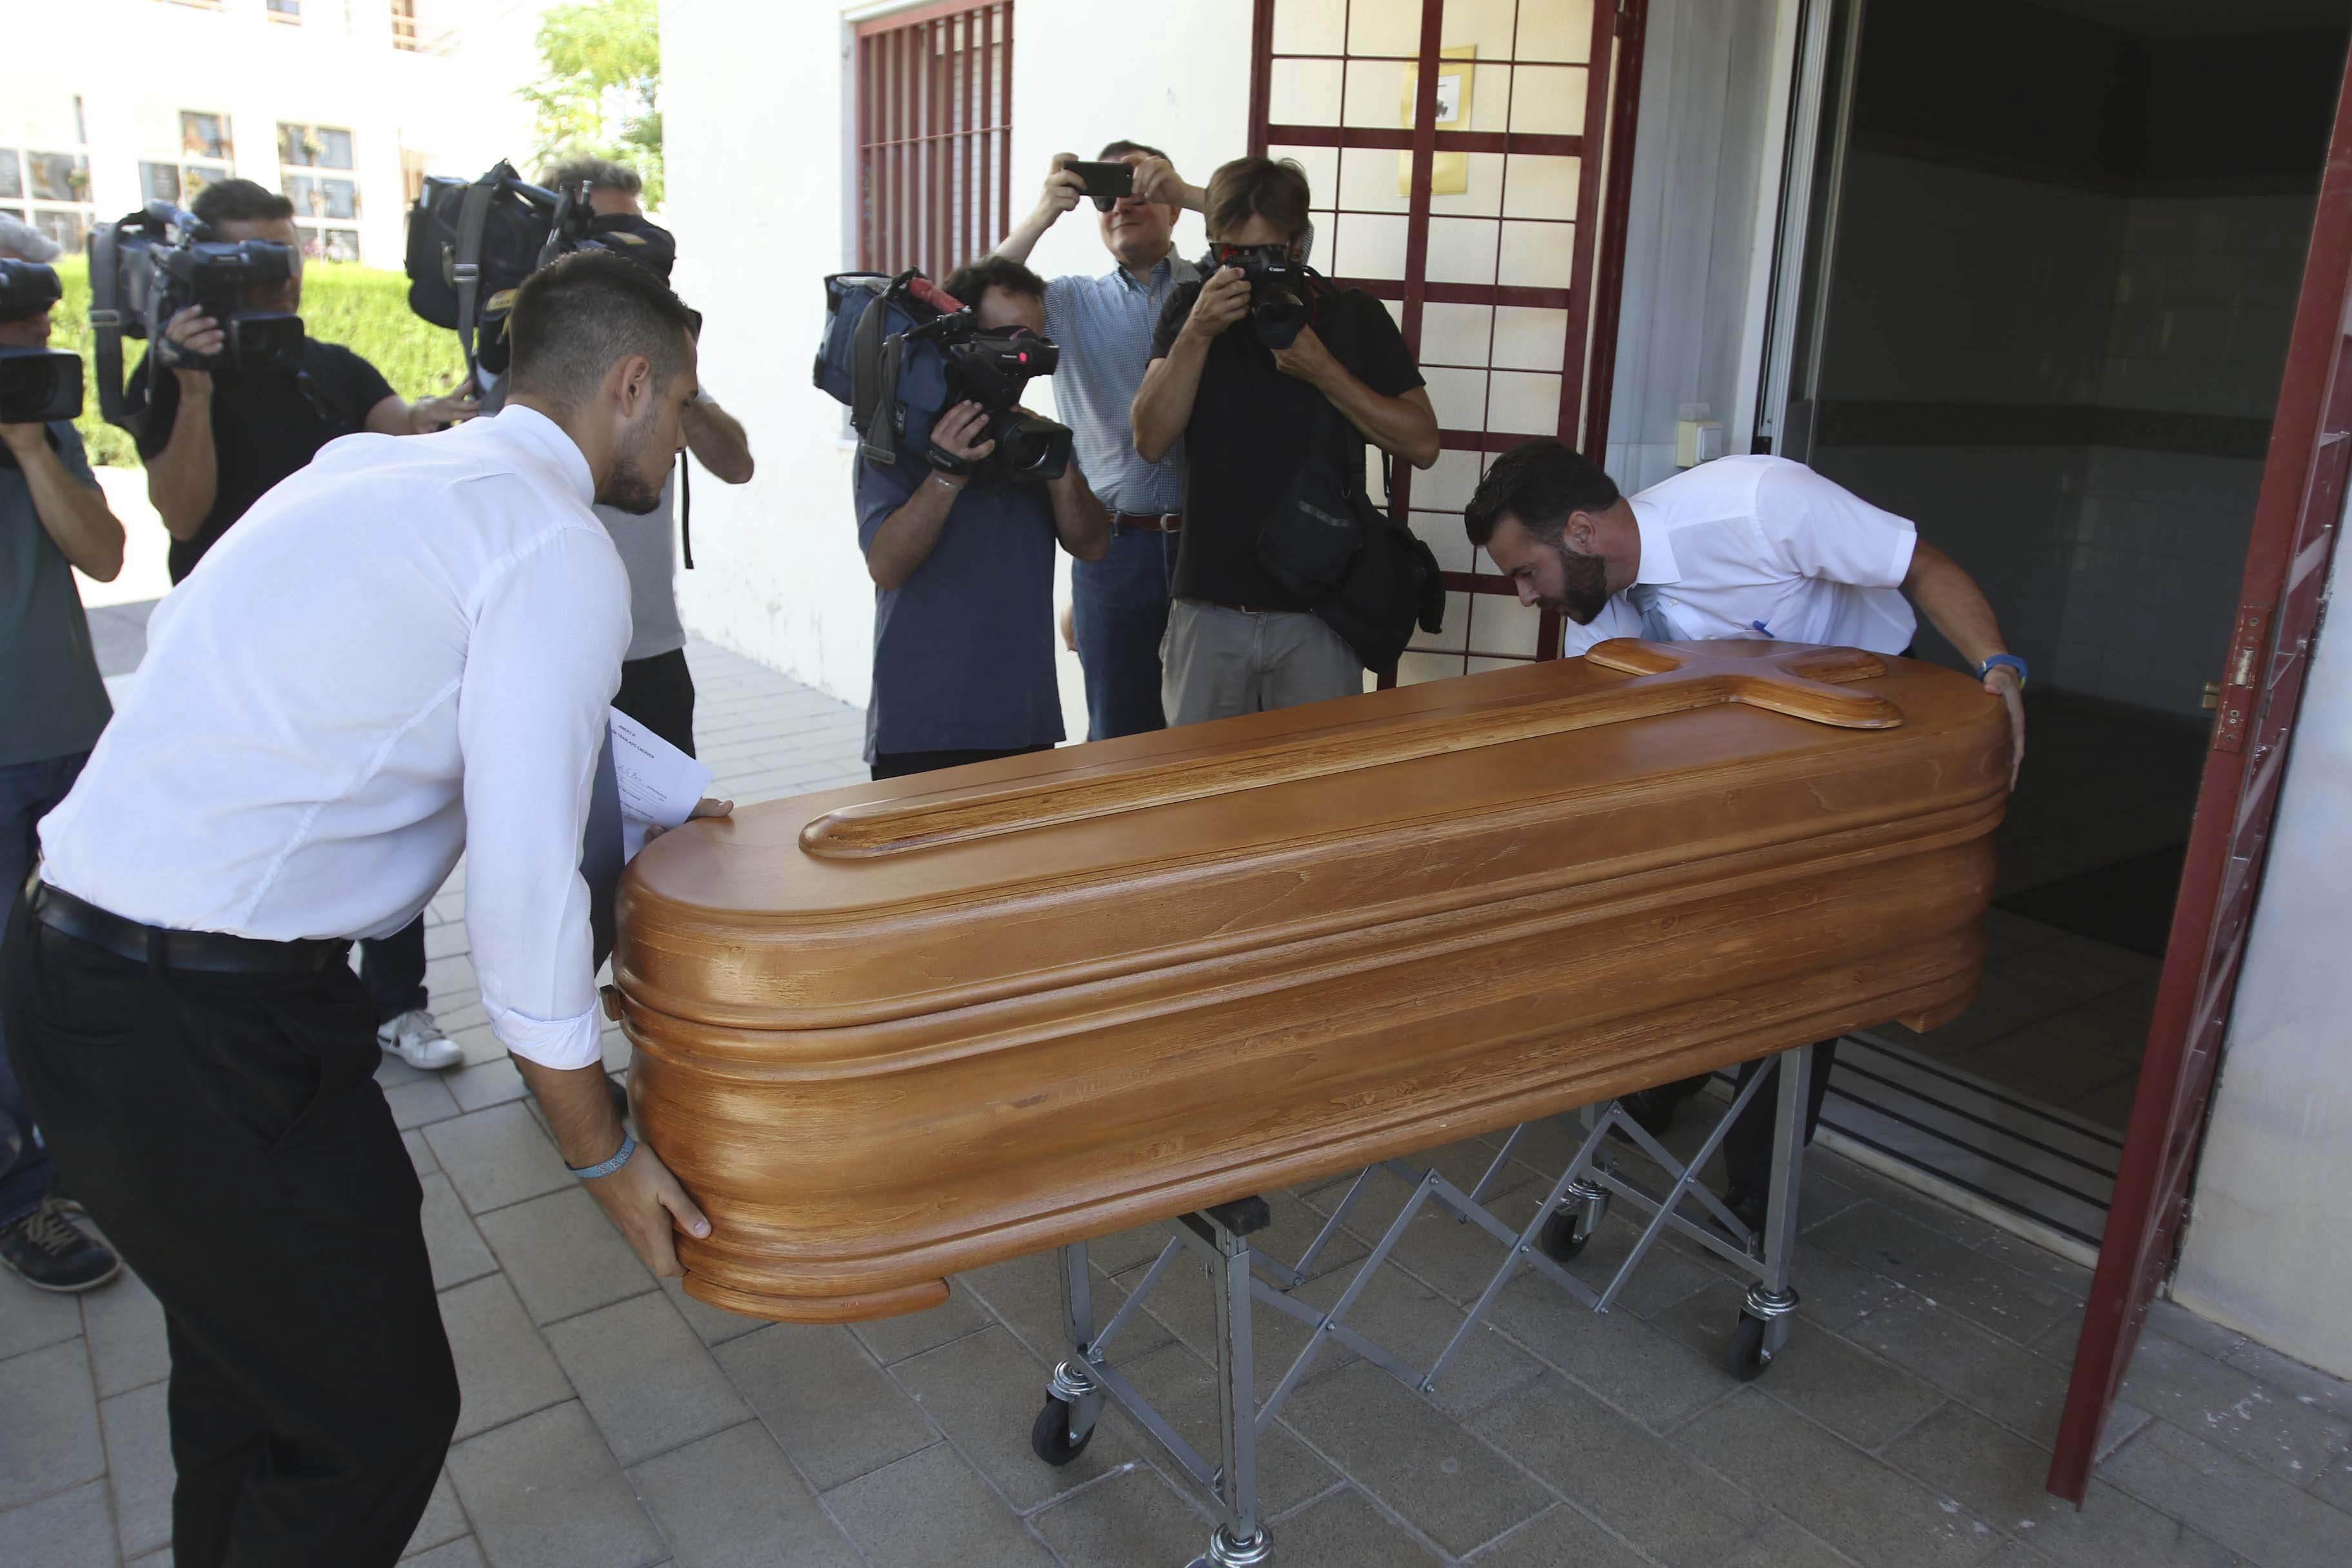 Operaris de la funerària traslladen el fèretre amb el cos sense vida de l'expresident de Caja Madrid, Miguel Blesa, de l'Institut Anatòmic Forense de Còrdova cap al tanatori Las Quemadas. /SALAS